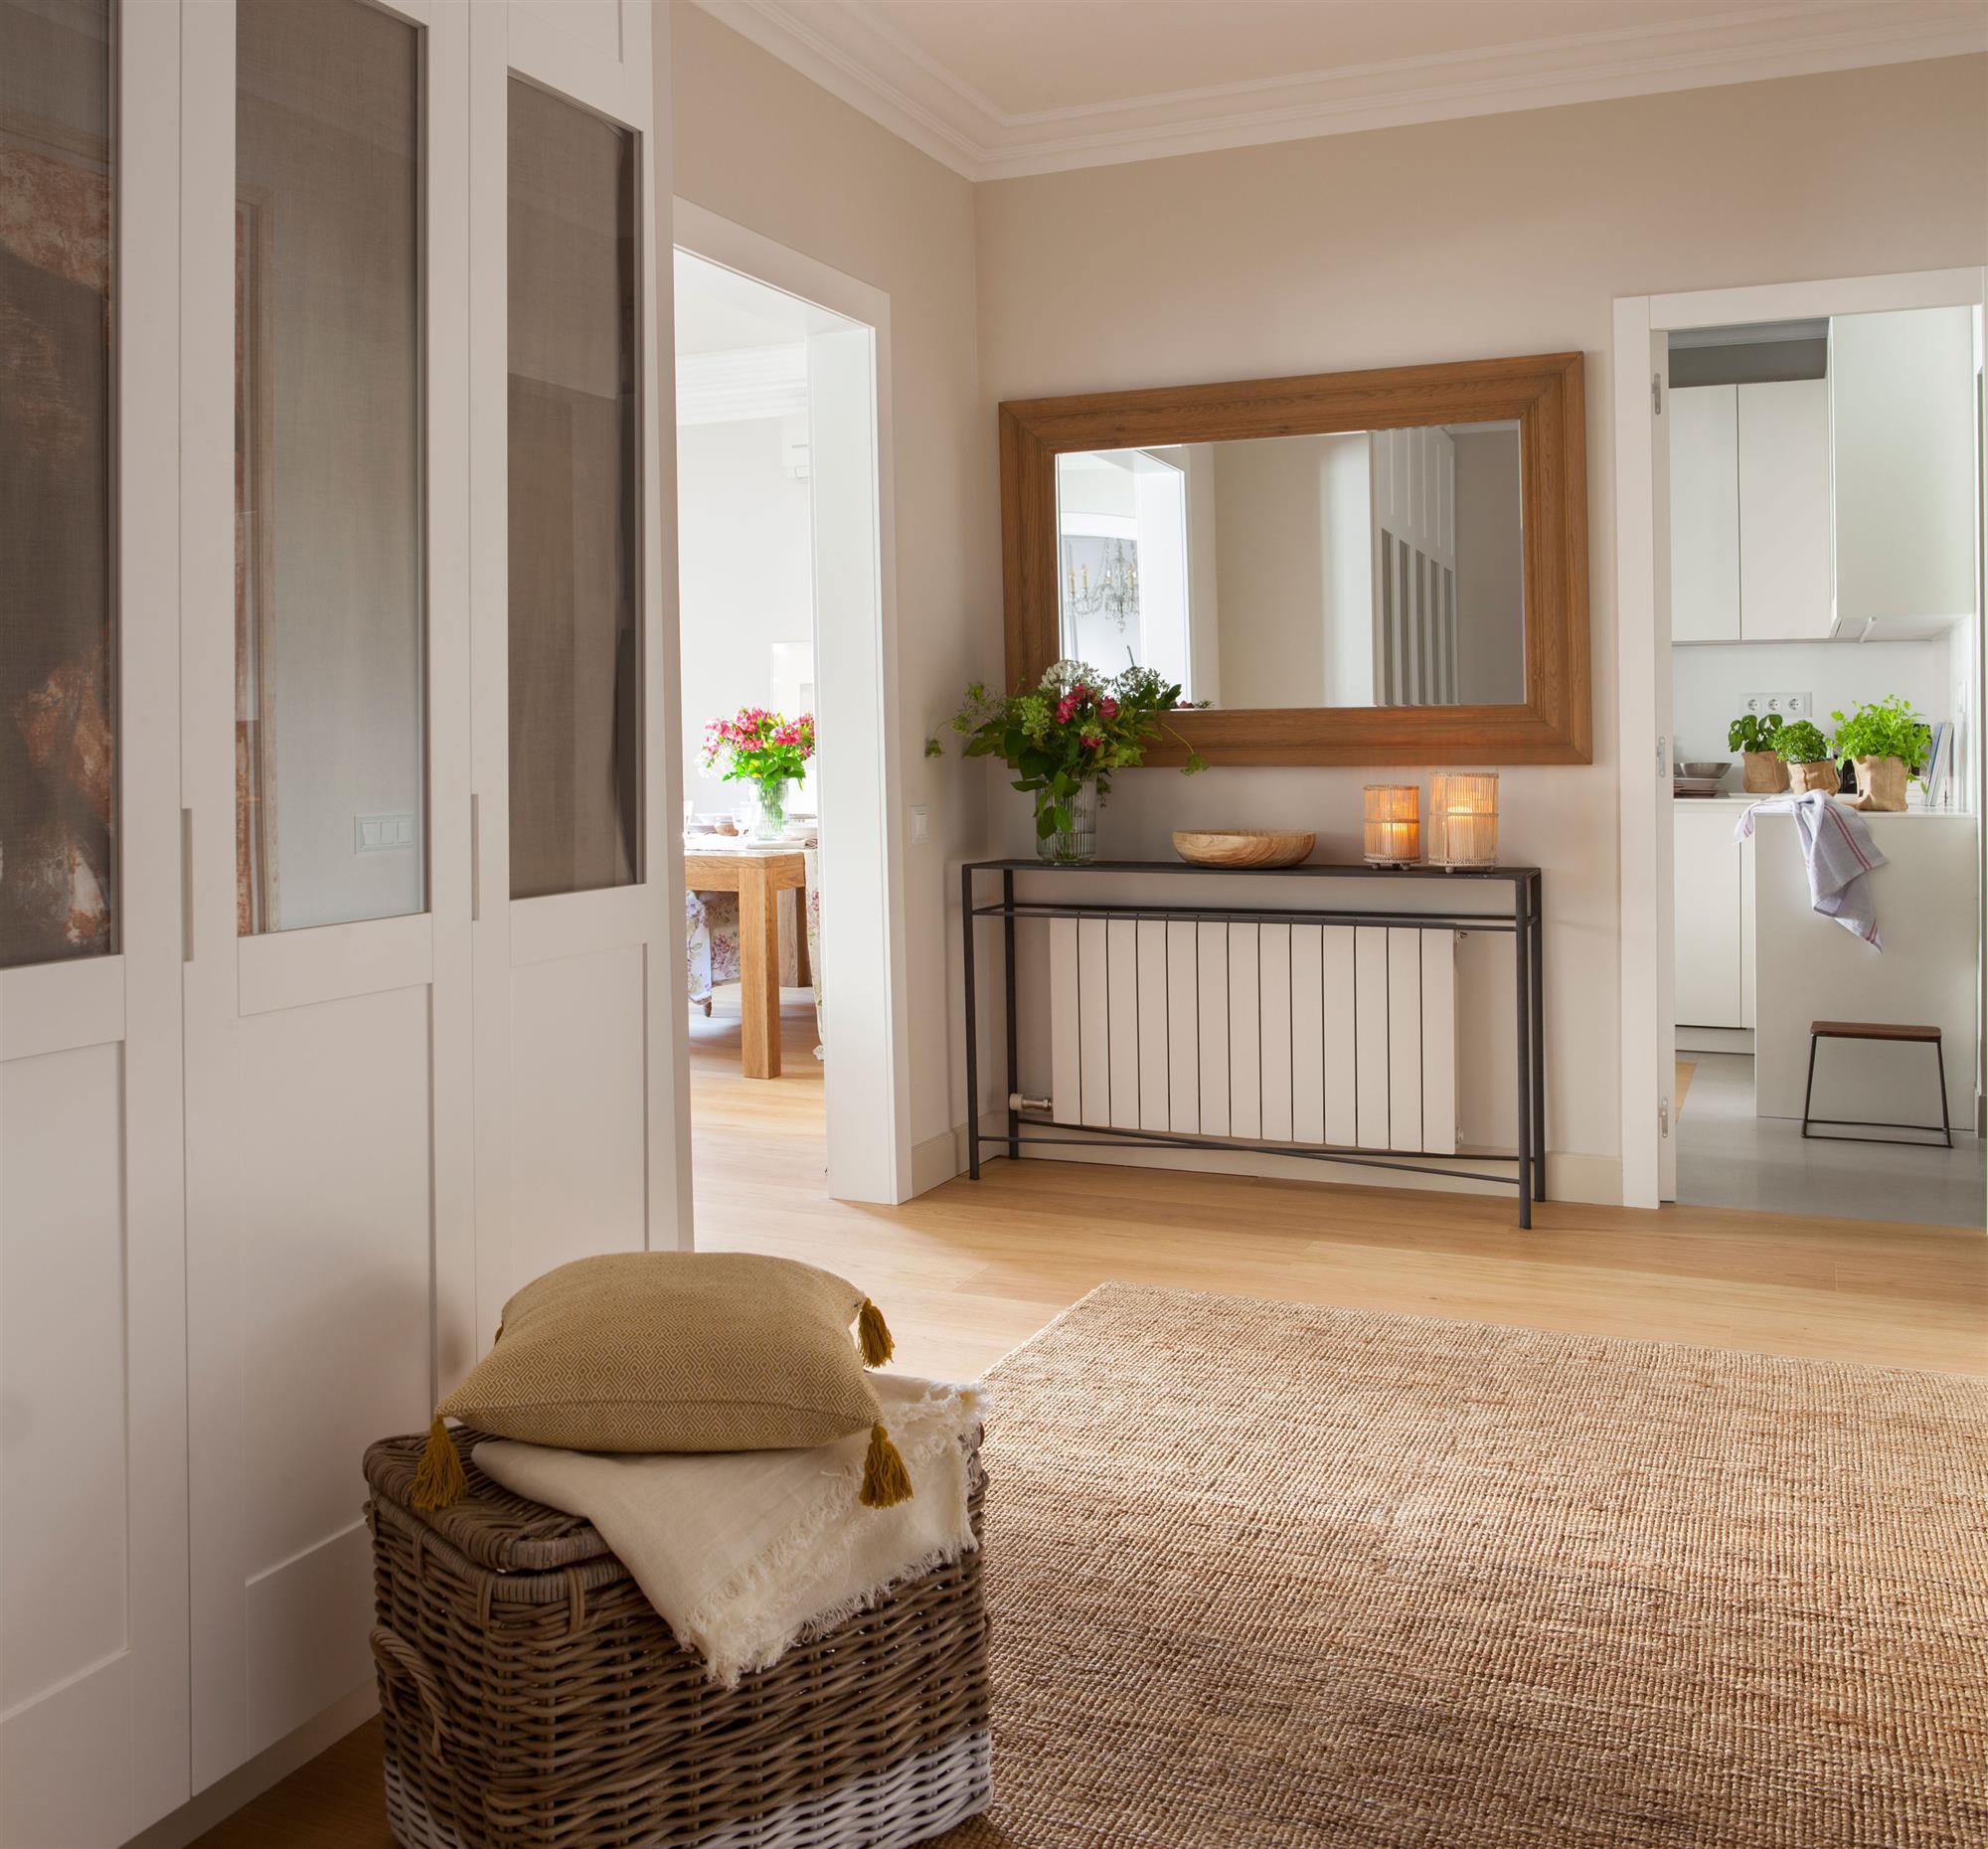 Trucos Para Ahorrar En Casa ~ Trucos Para Ahorrar Calefaccion